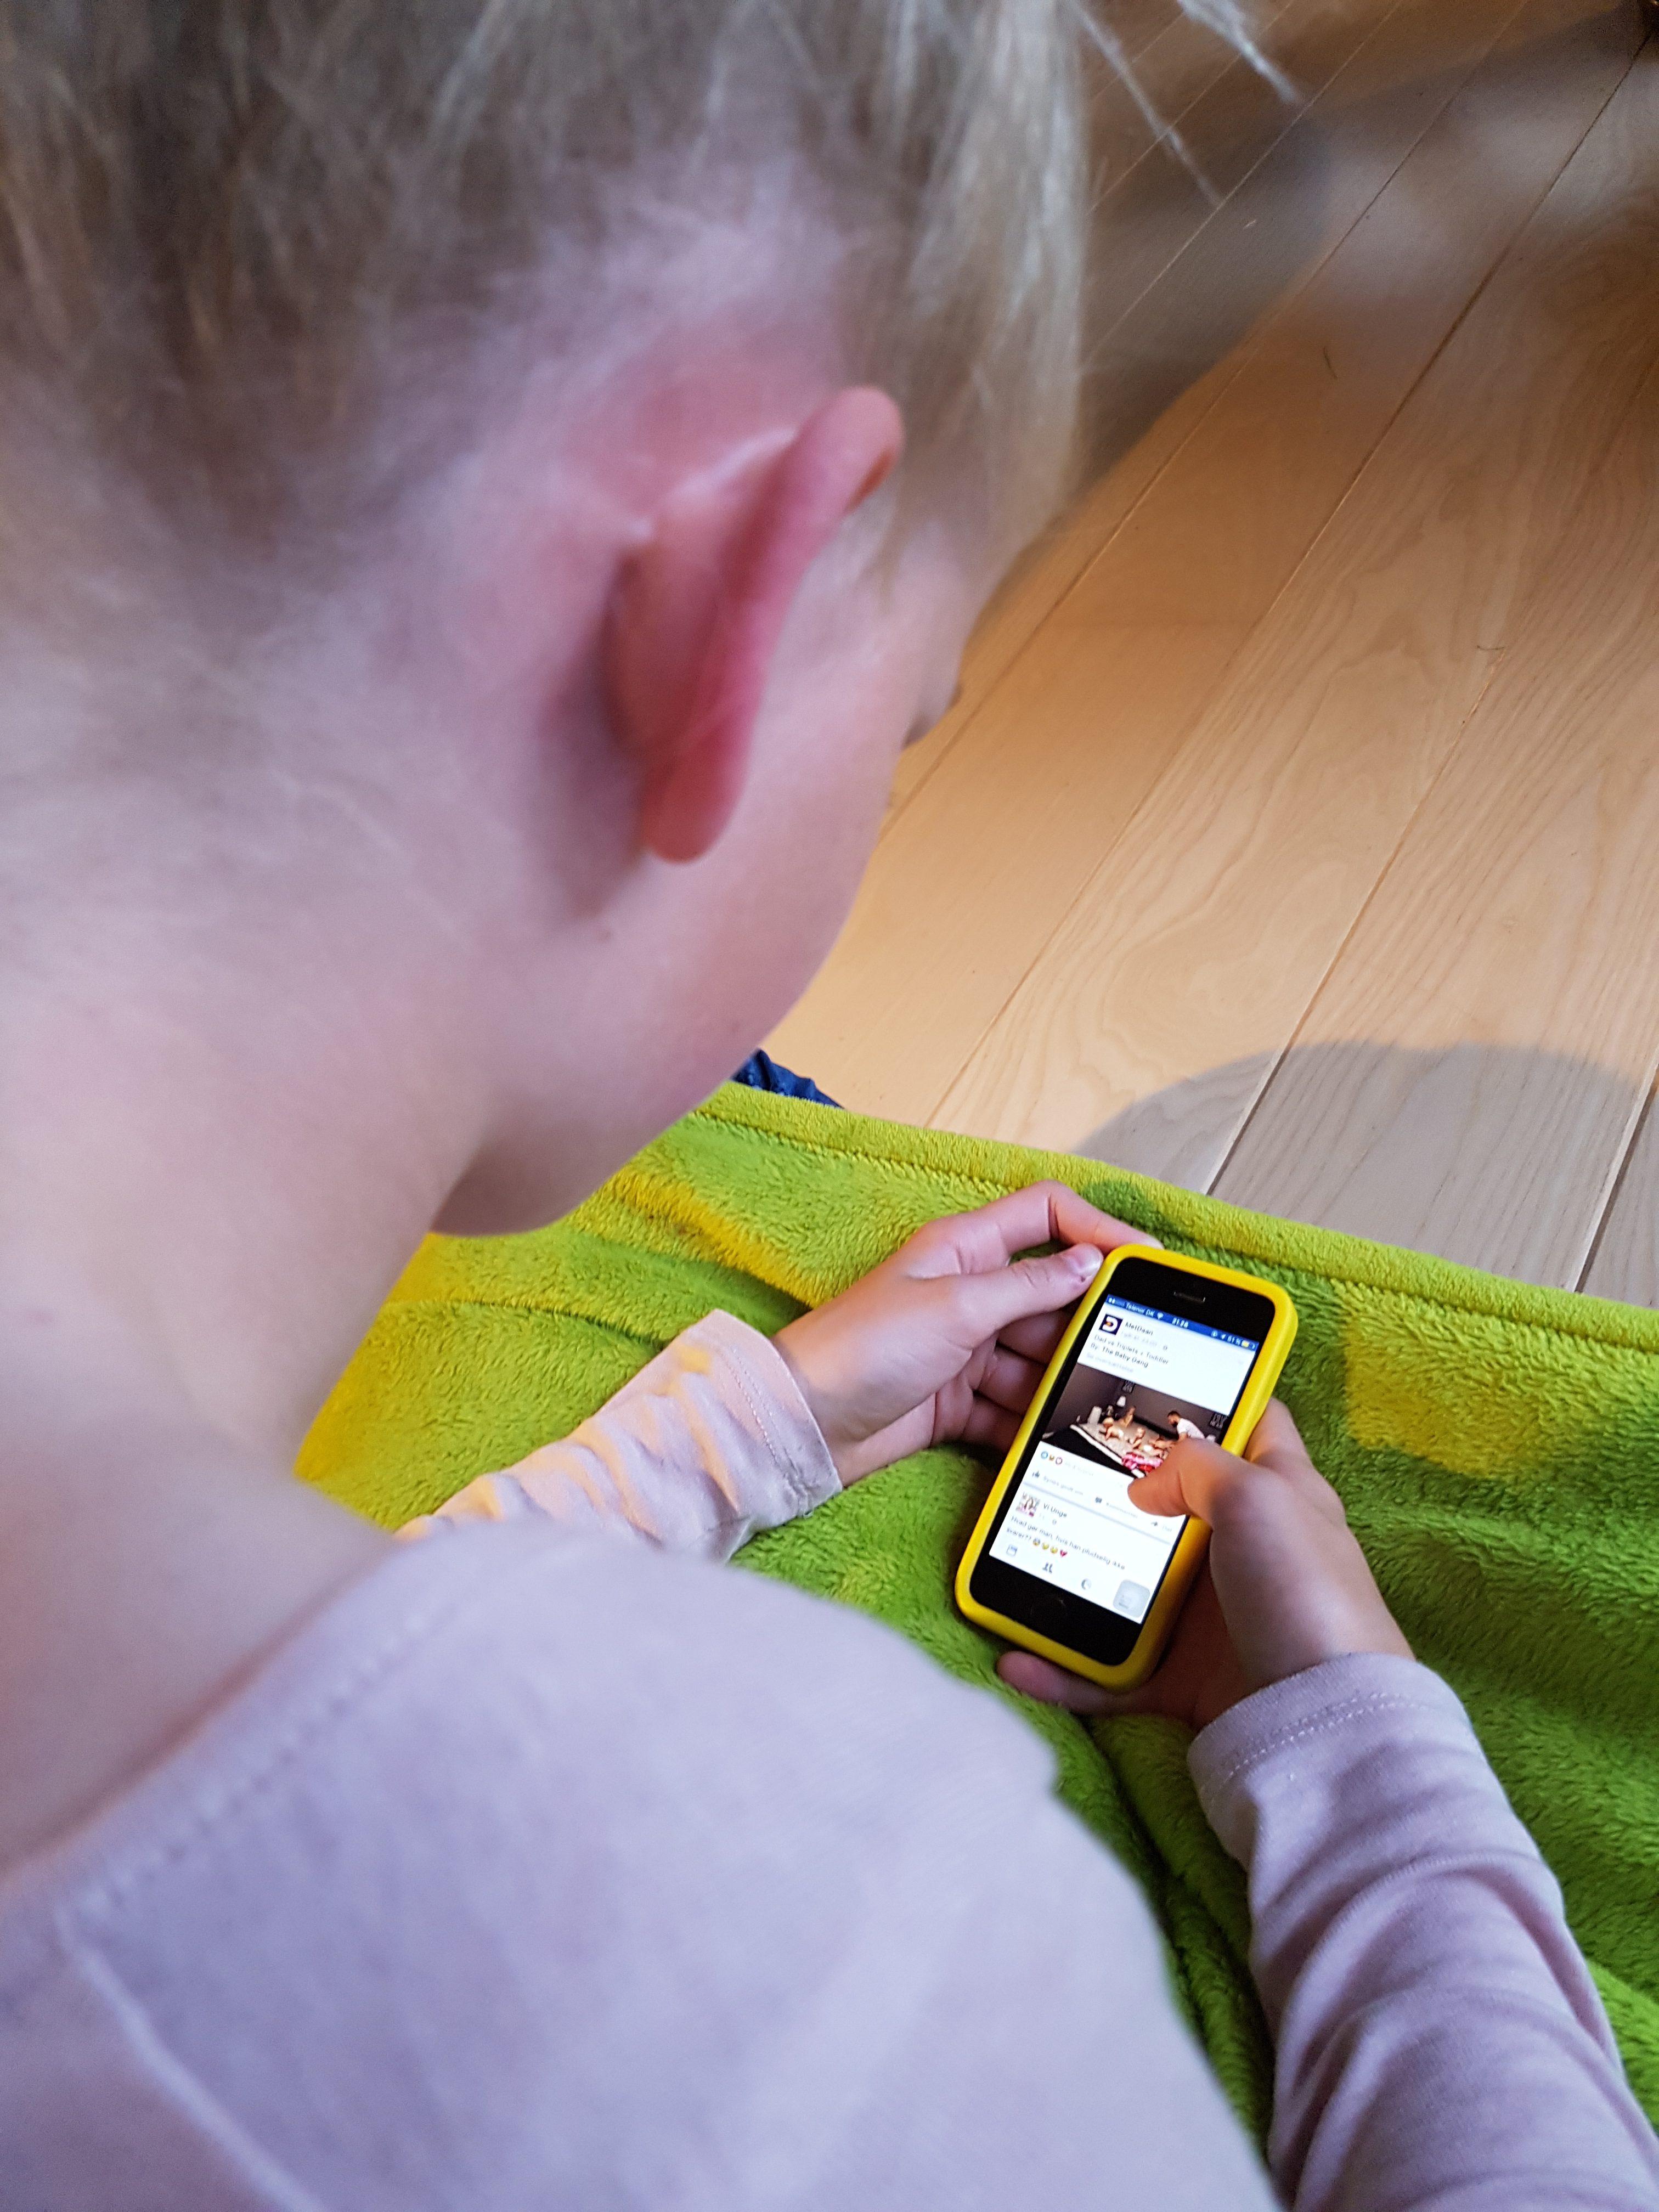 Ondt i nakke, ryg og skuldre hos børn er noget jeg ofte ser og behandler i klinikken. Det har ramt en masse børn som en epidemi, ofte pga. dårlig kropslig holdning fra telefon, tablets, computers. Så udover en blid behandling, skal der nye vaner til. Ring / sms eksamineret børne terapeut, Lis Hauge, på 40199714